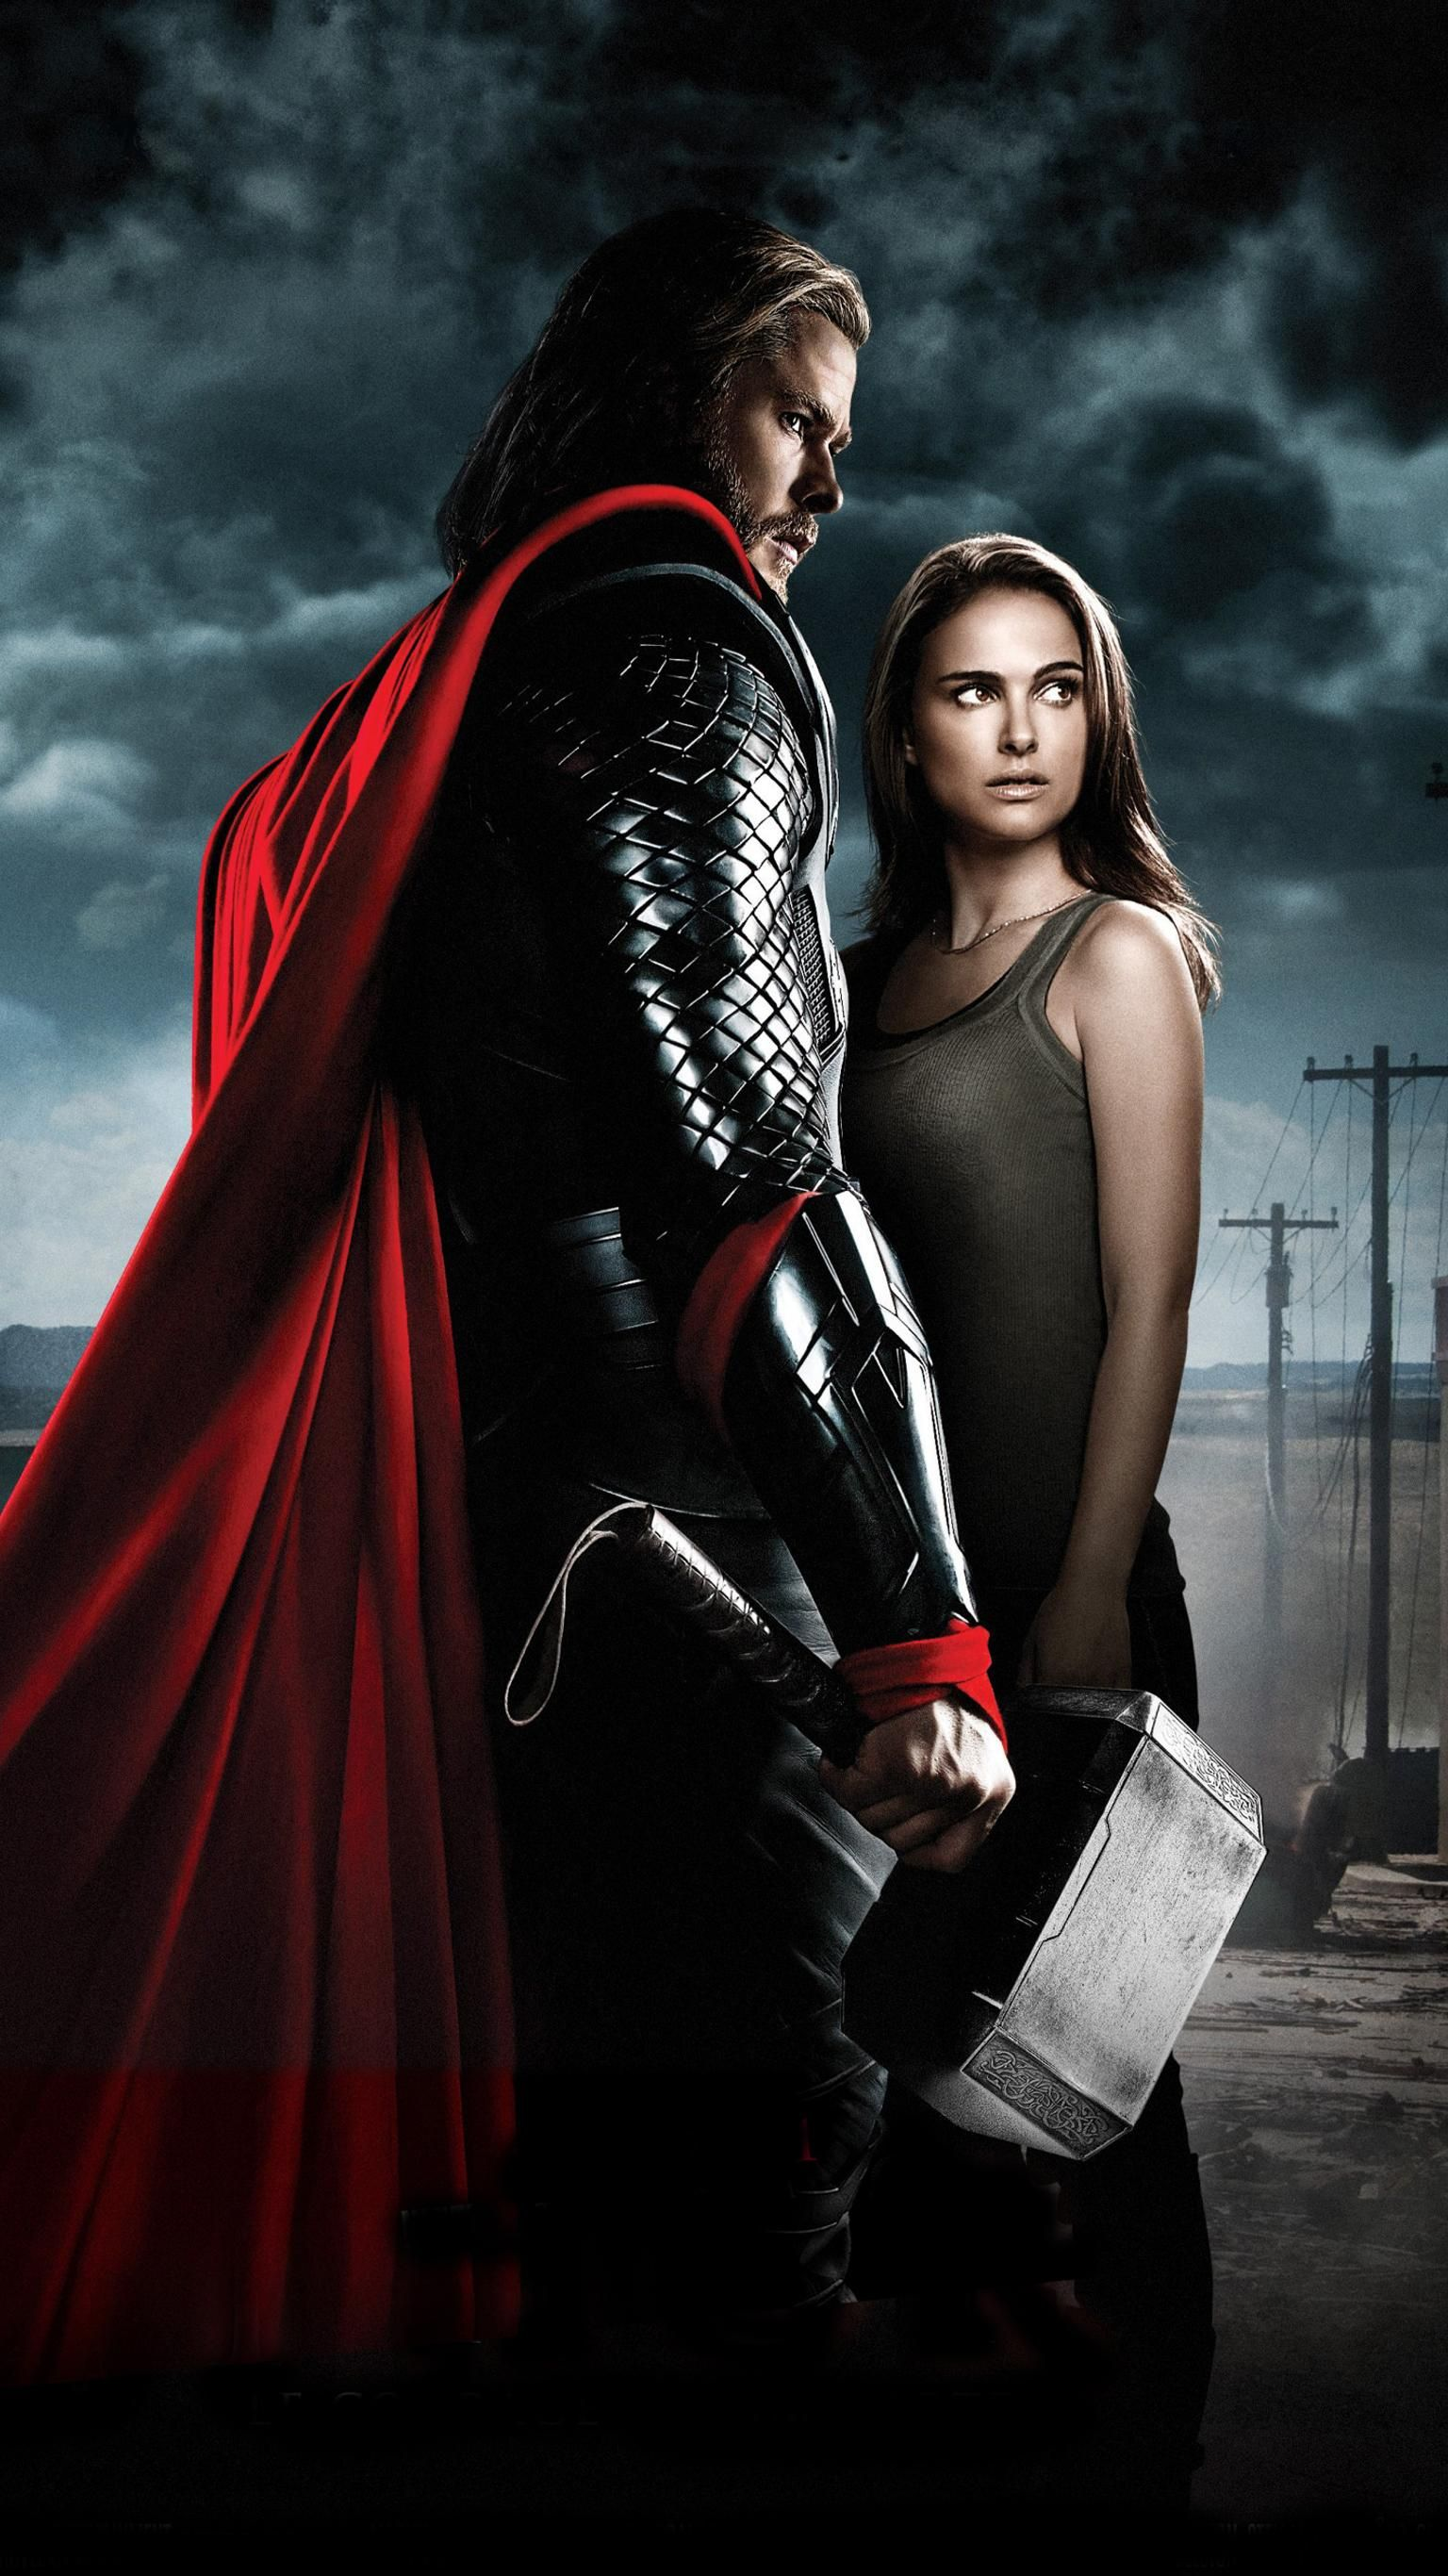 Thor (2011) Phone Wallpaper Плакаты с фильмами, Хорошие